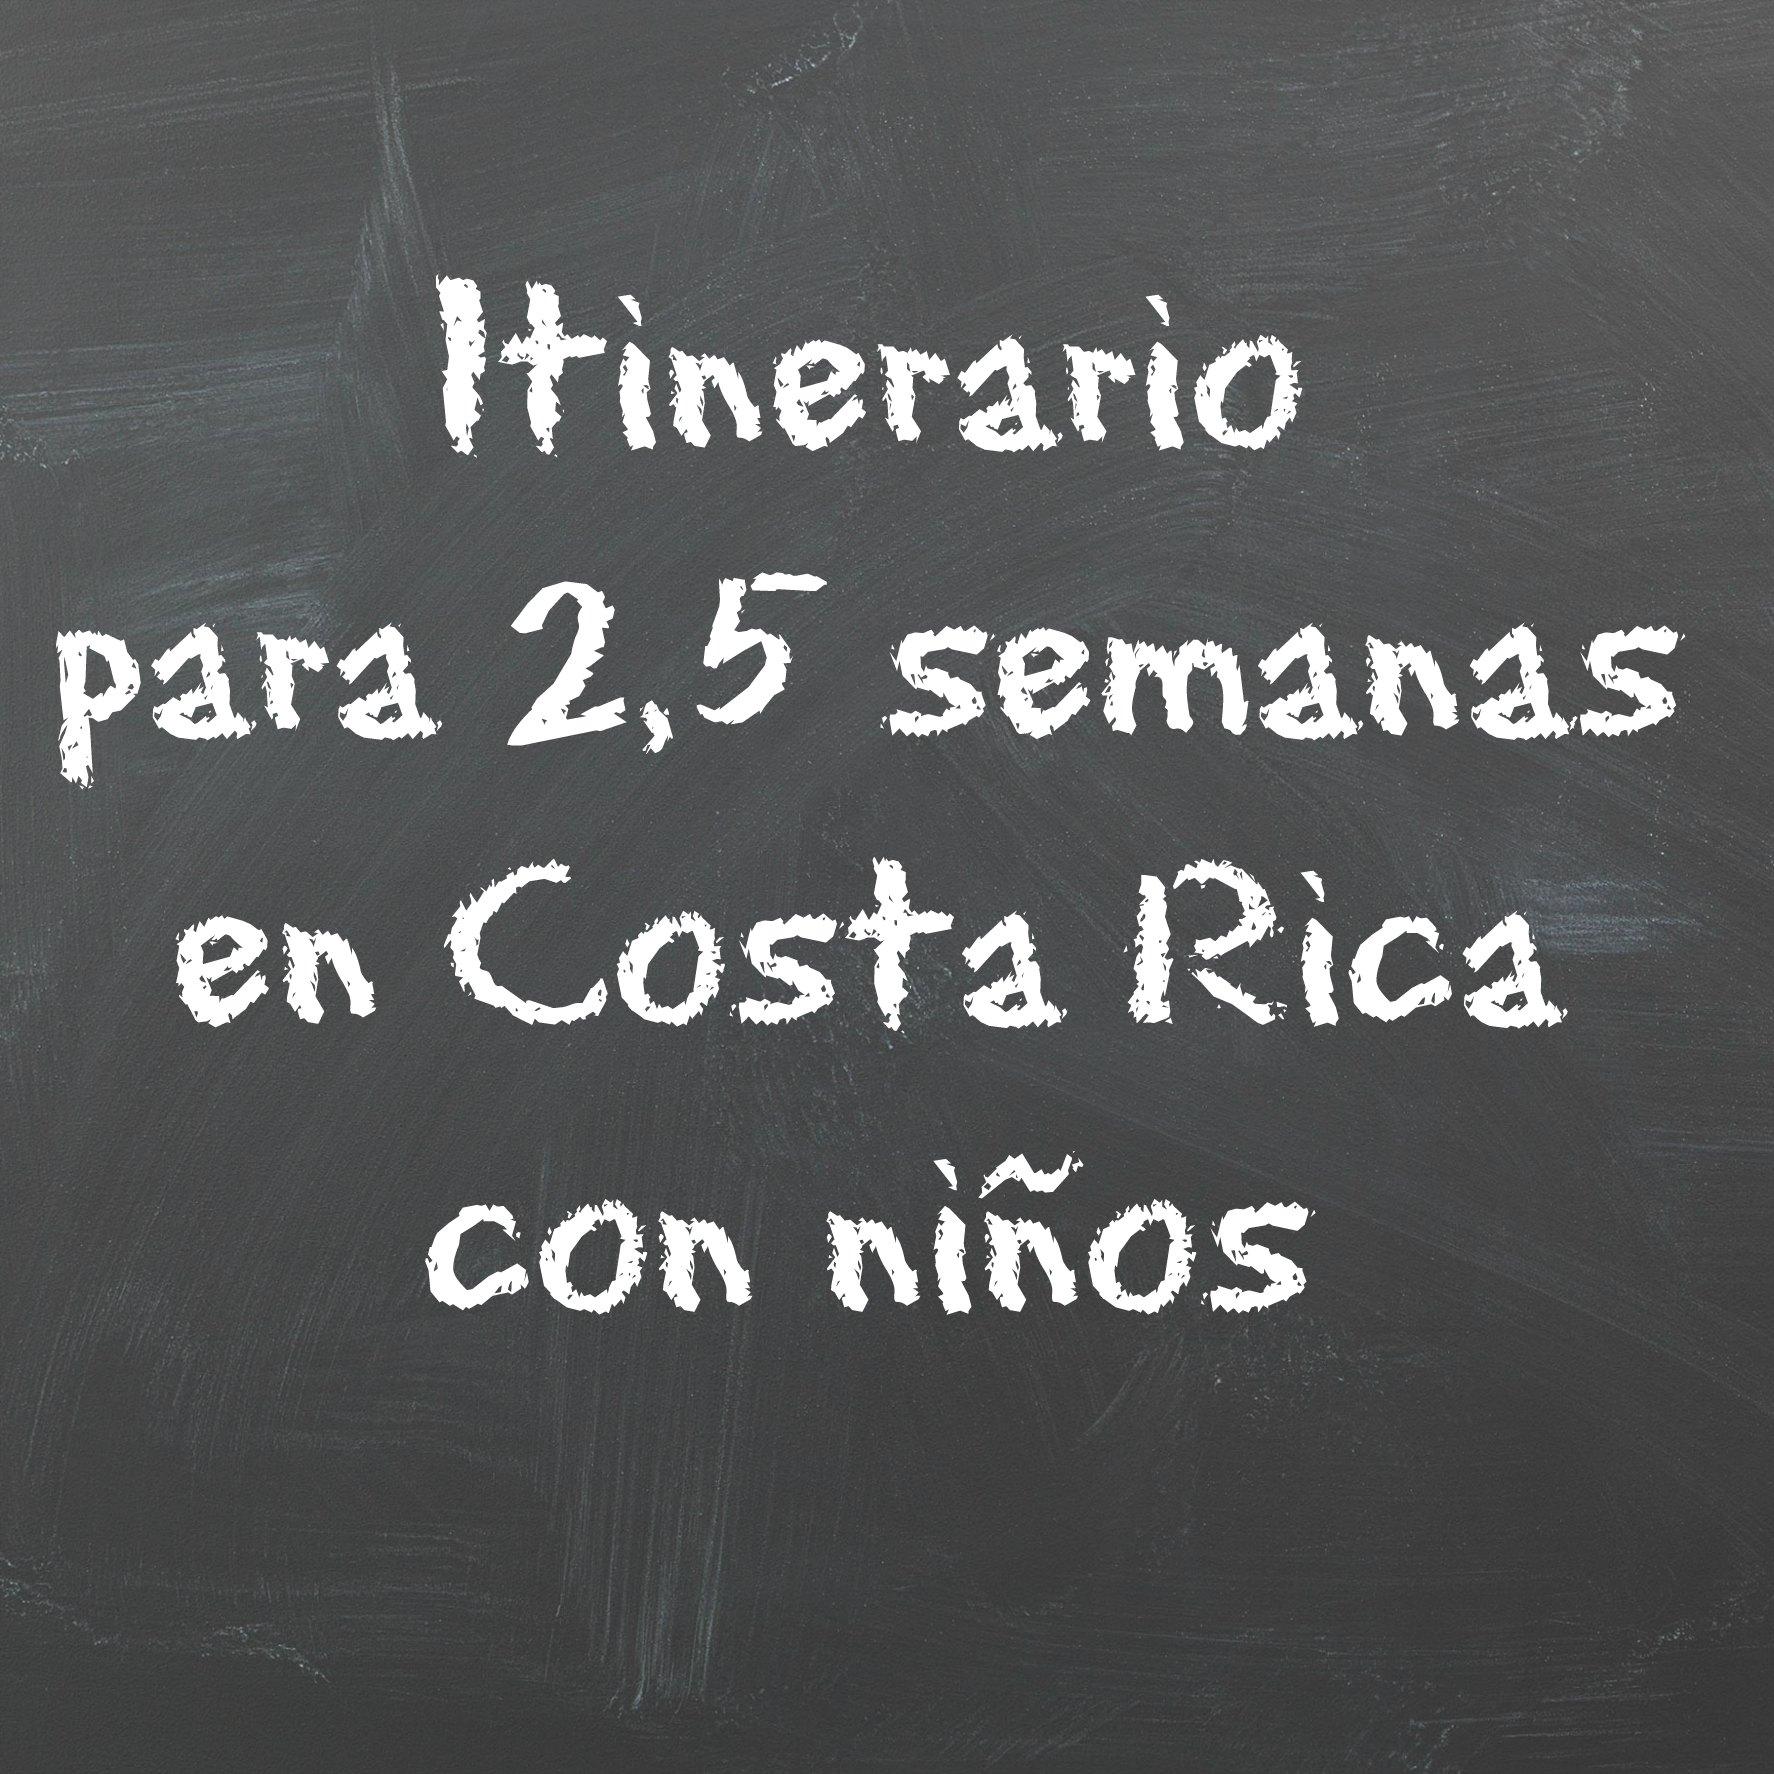 Itinerario para un viaje de 2,5 semanas a Costa Rica con niños